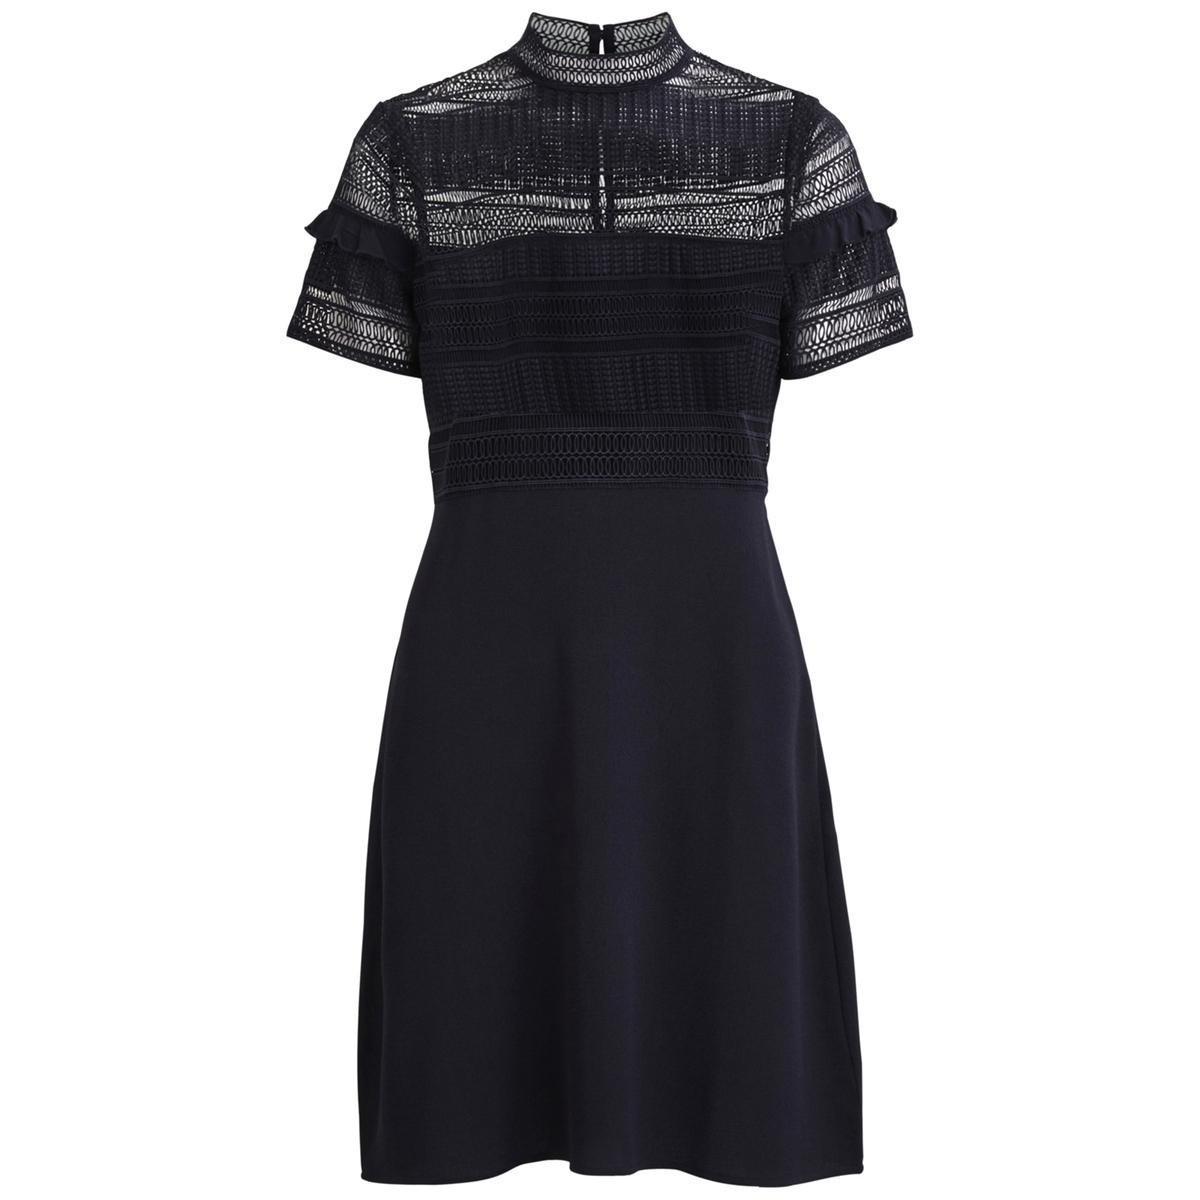 Платье прямое однотонное длиной миди, 3/4 cut out print bodycon dress